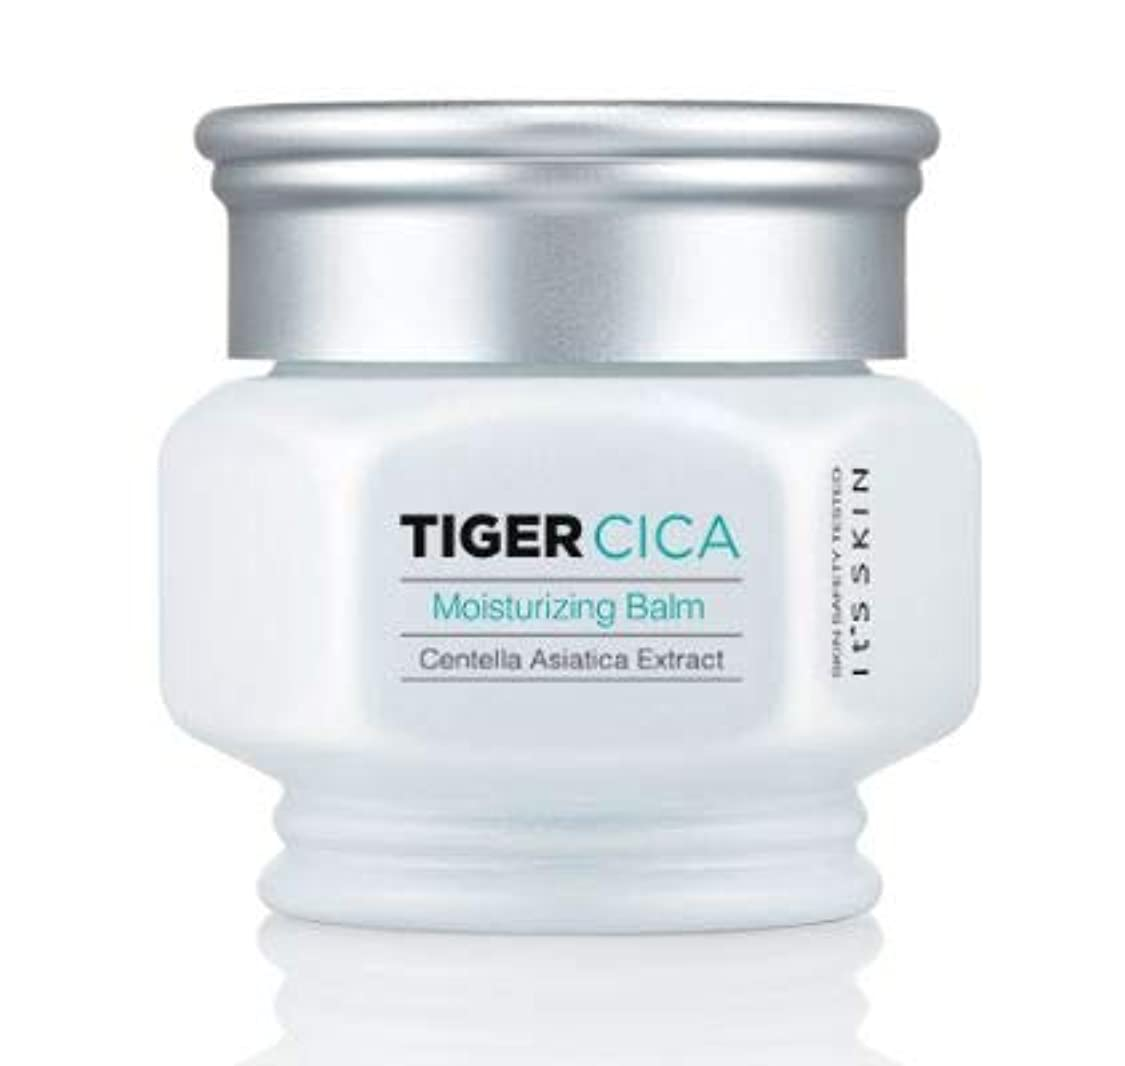 貼り直す役に立たない姉妹[It's Skin] Tiger Cica Moisturizing Balm 50ml /[イッツスキン] タイガーシカ モイスチャライジング バーム 50ml [並行輸入品]